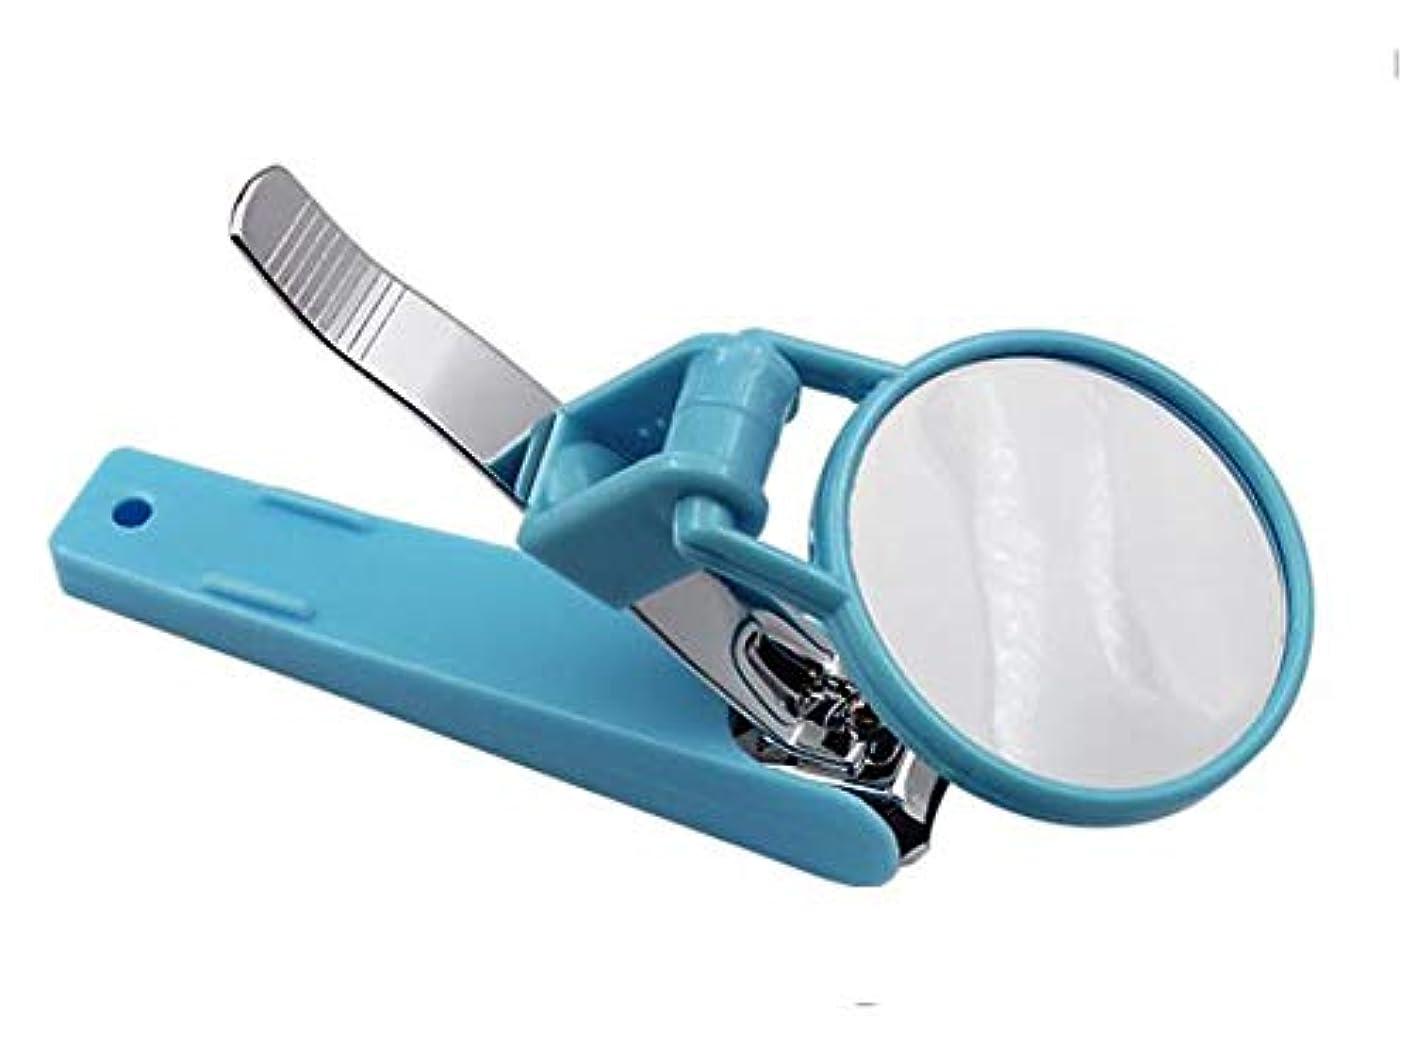 乳製品非難する背骨SZM ルーペ付き爪切り ネイルケア 高齢者向け 虫眼鏡 コンパクト 携帯便利 360度回転